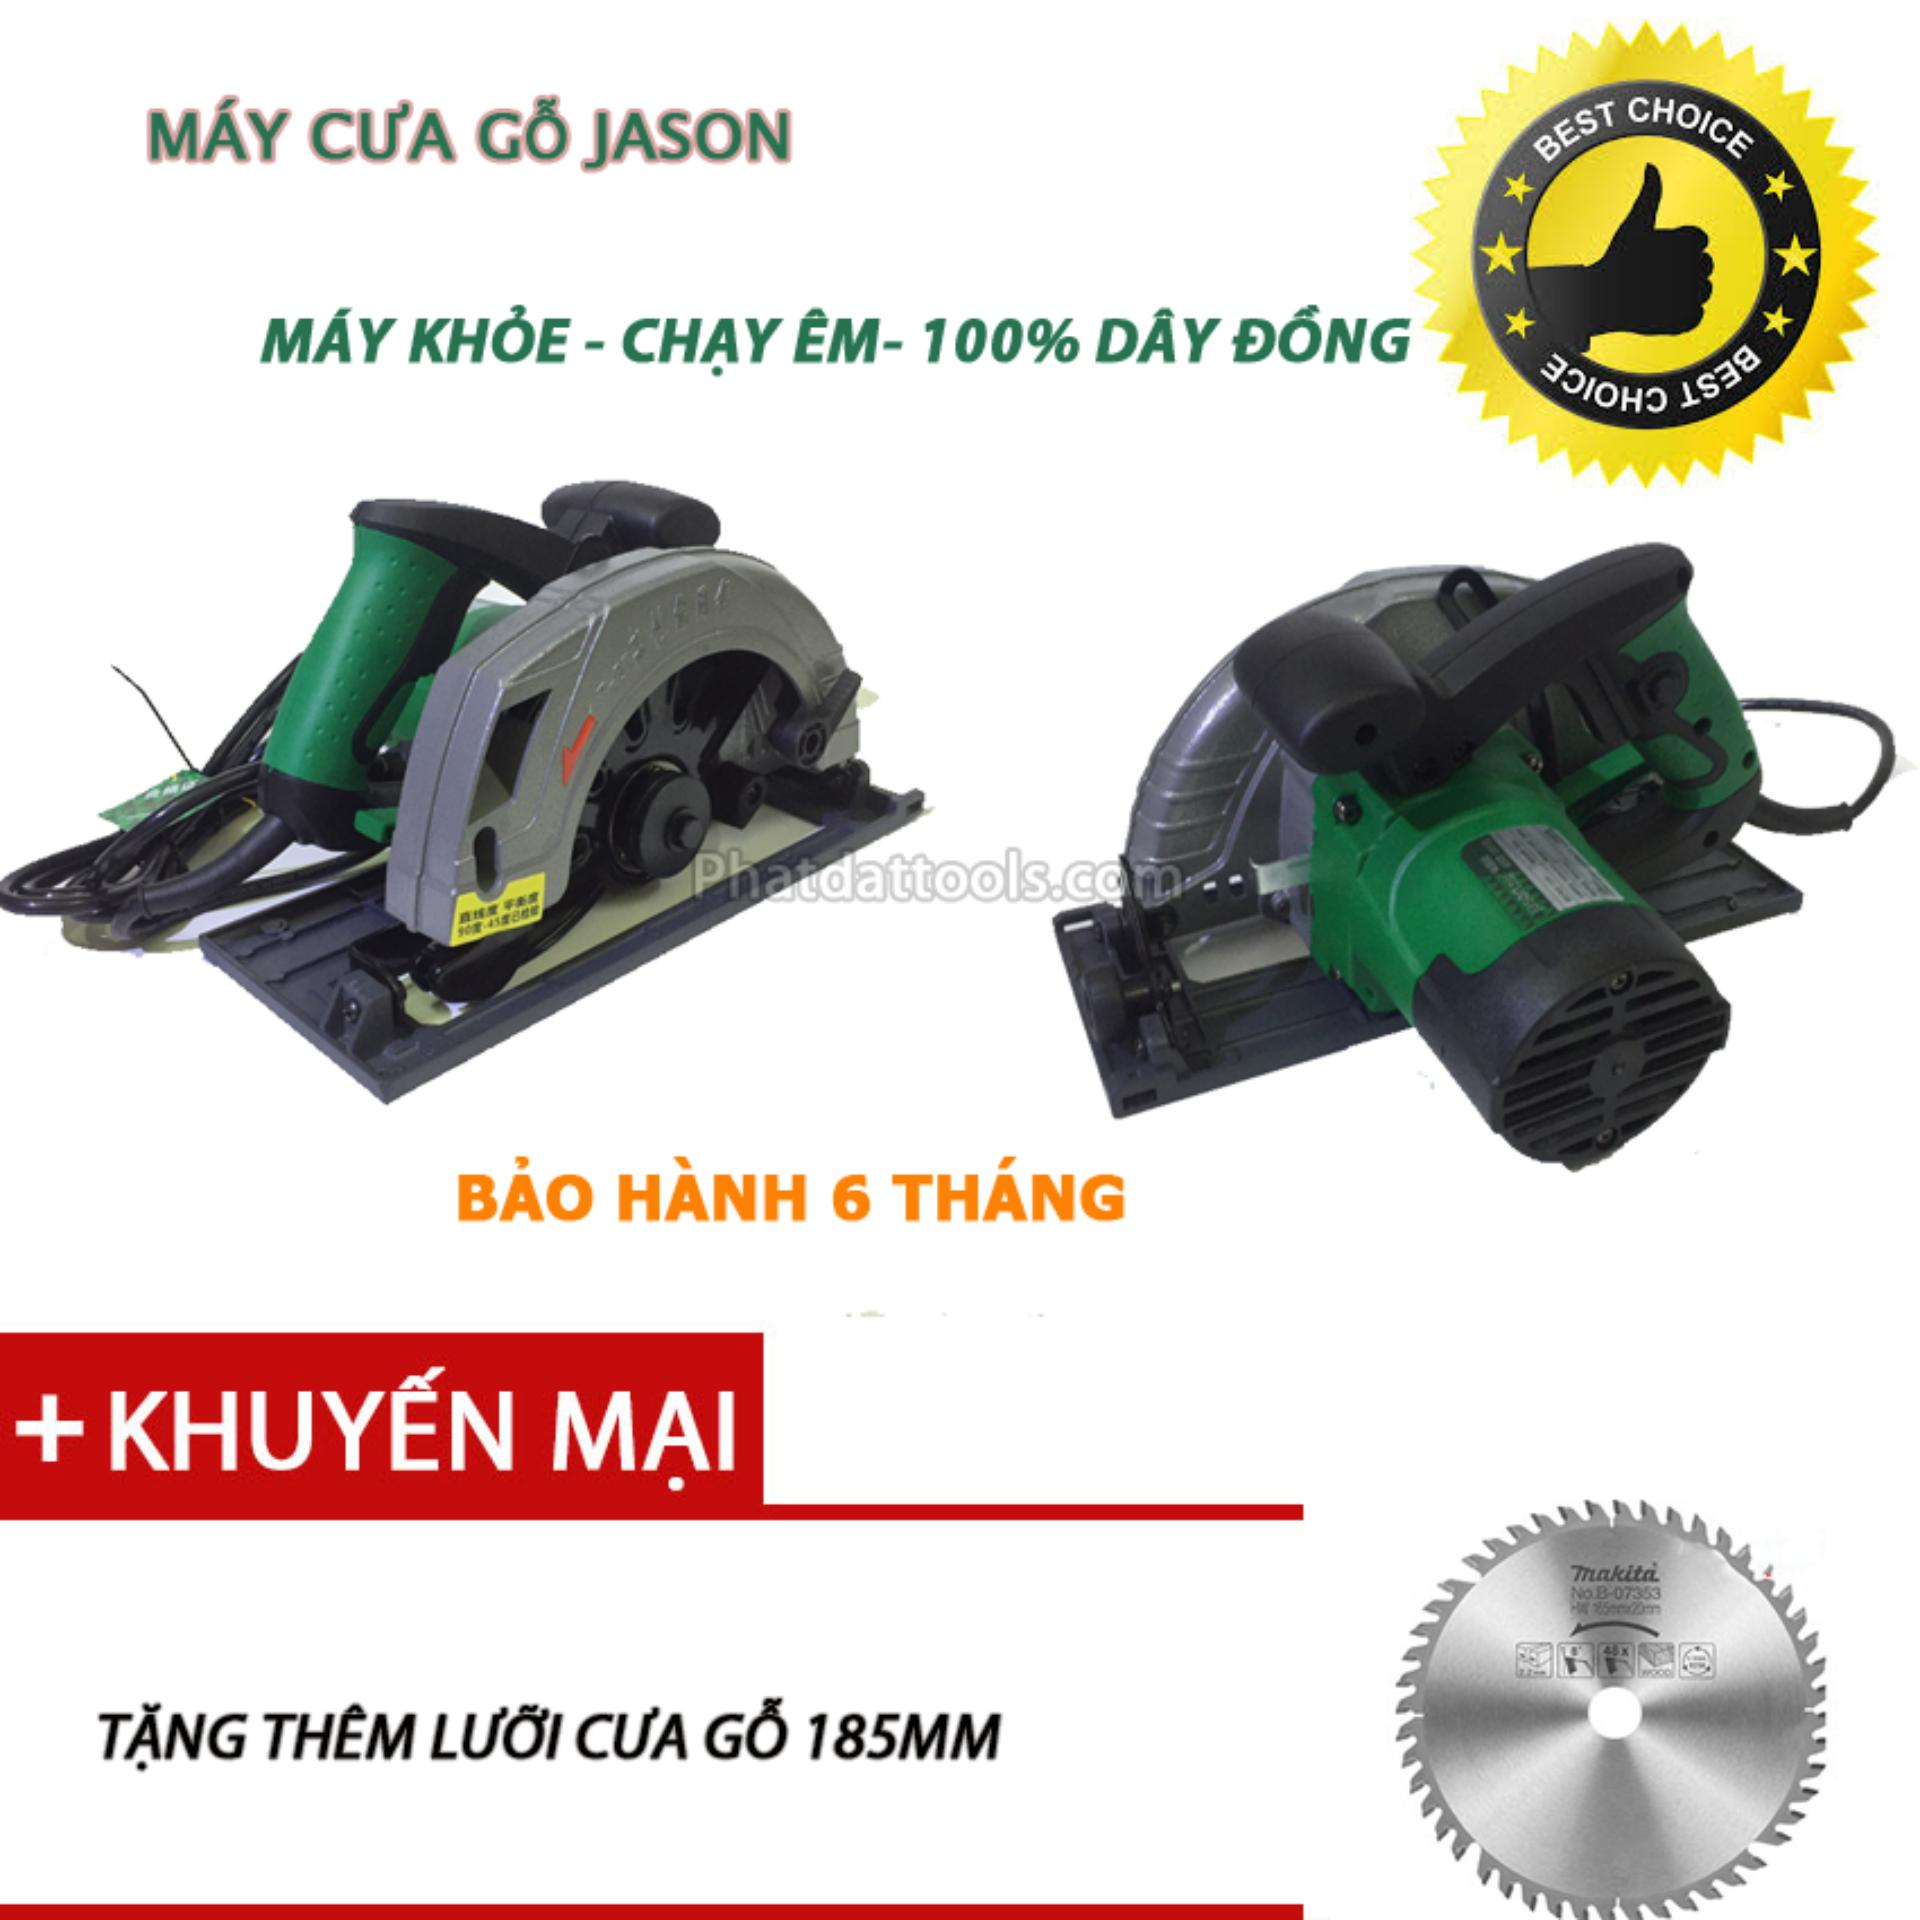 Máy cưa đĩa JASON GSD185 1680W, tăng thêm lưỡi cưa gỗ 185mm